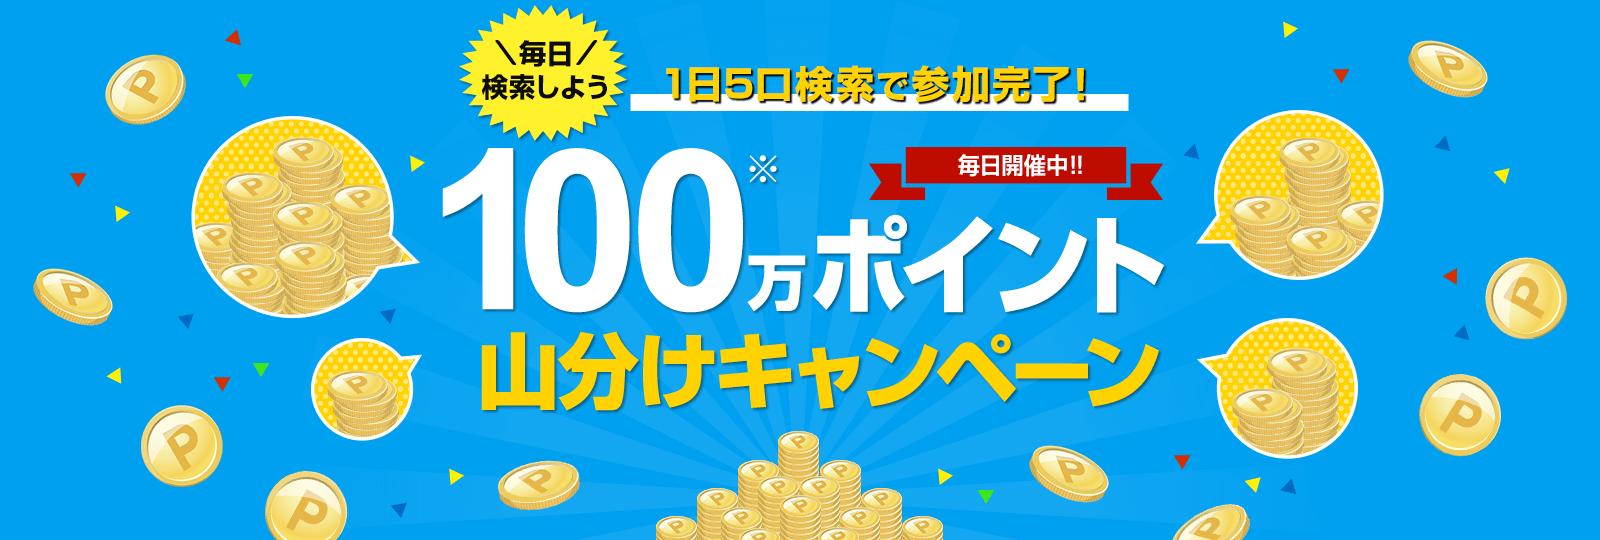 検索でポイントがもらえる!!毎日開催中!!100万ポイント山分けキャンペーン